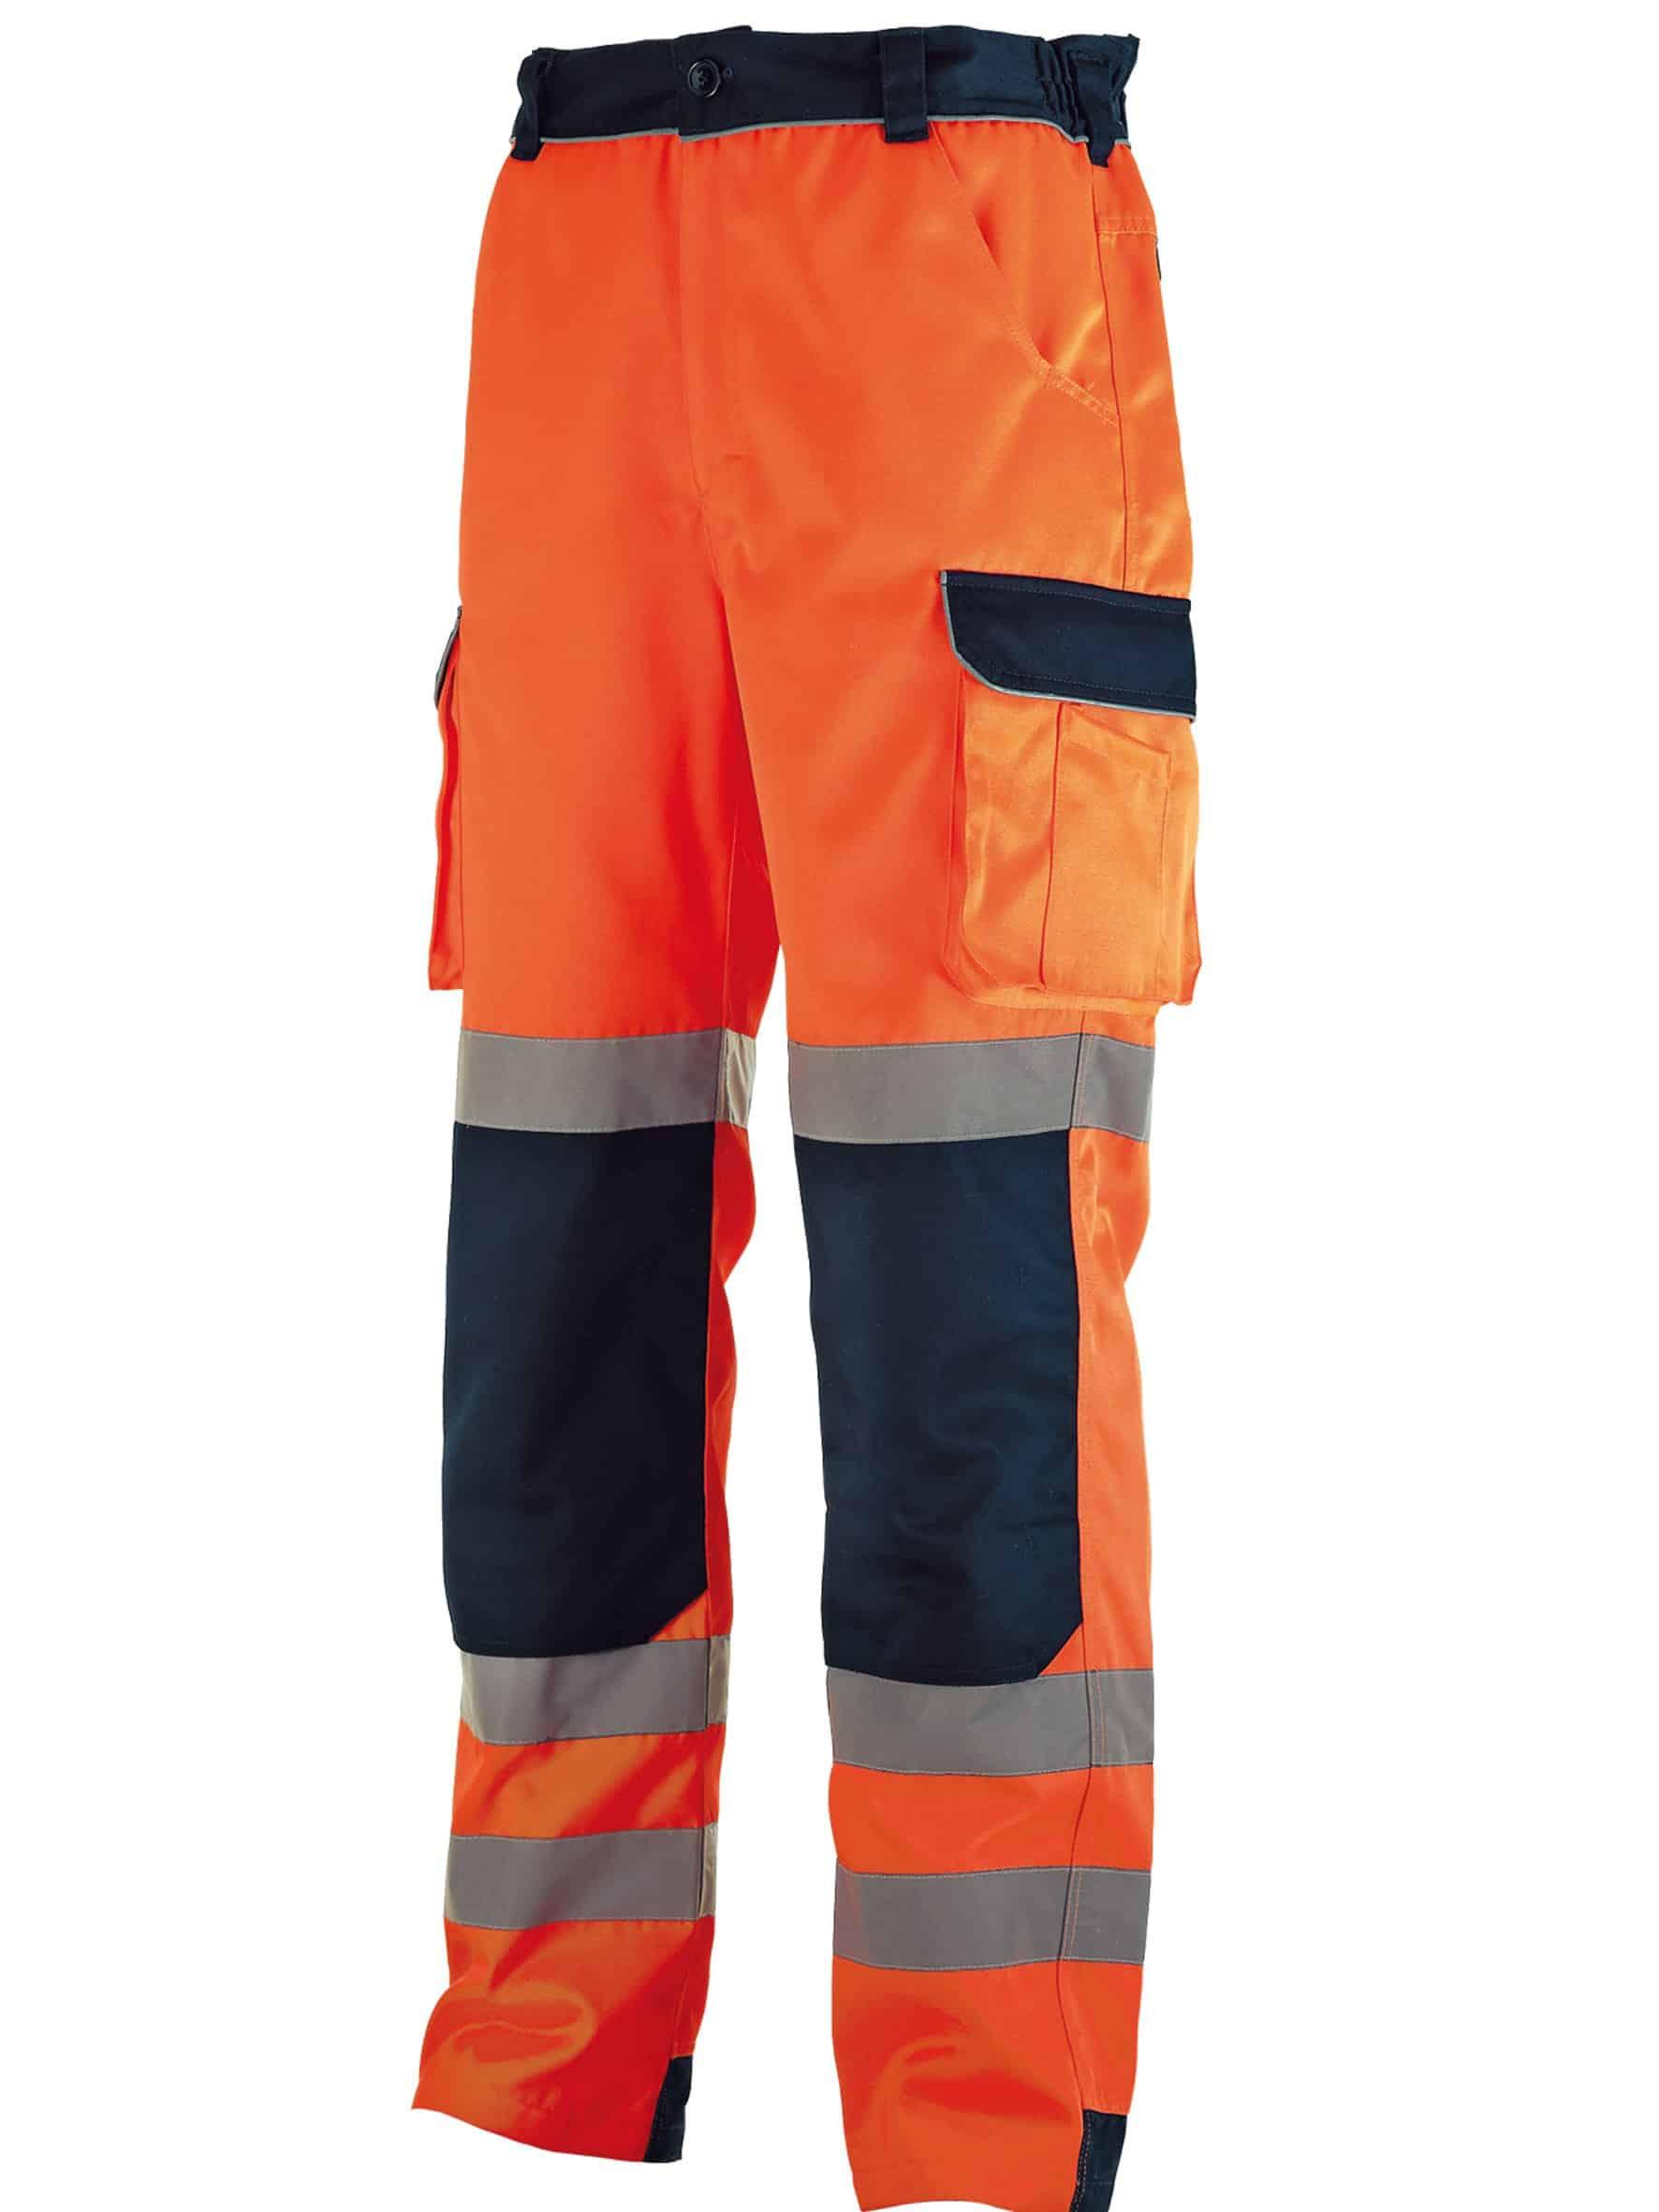 Pantalon de travail : un vêtement qui je porte au quotidien